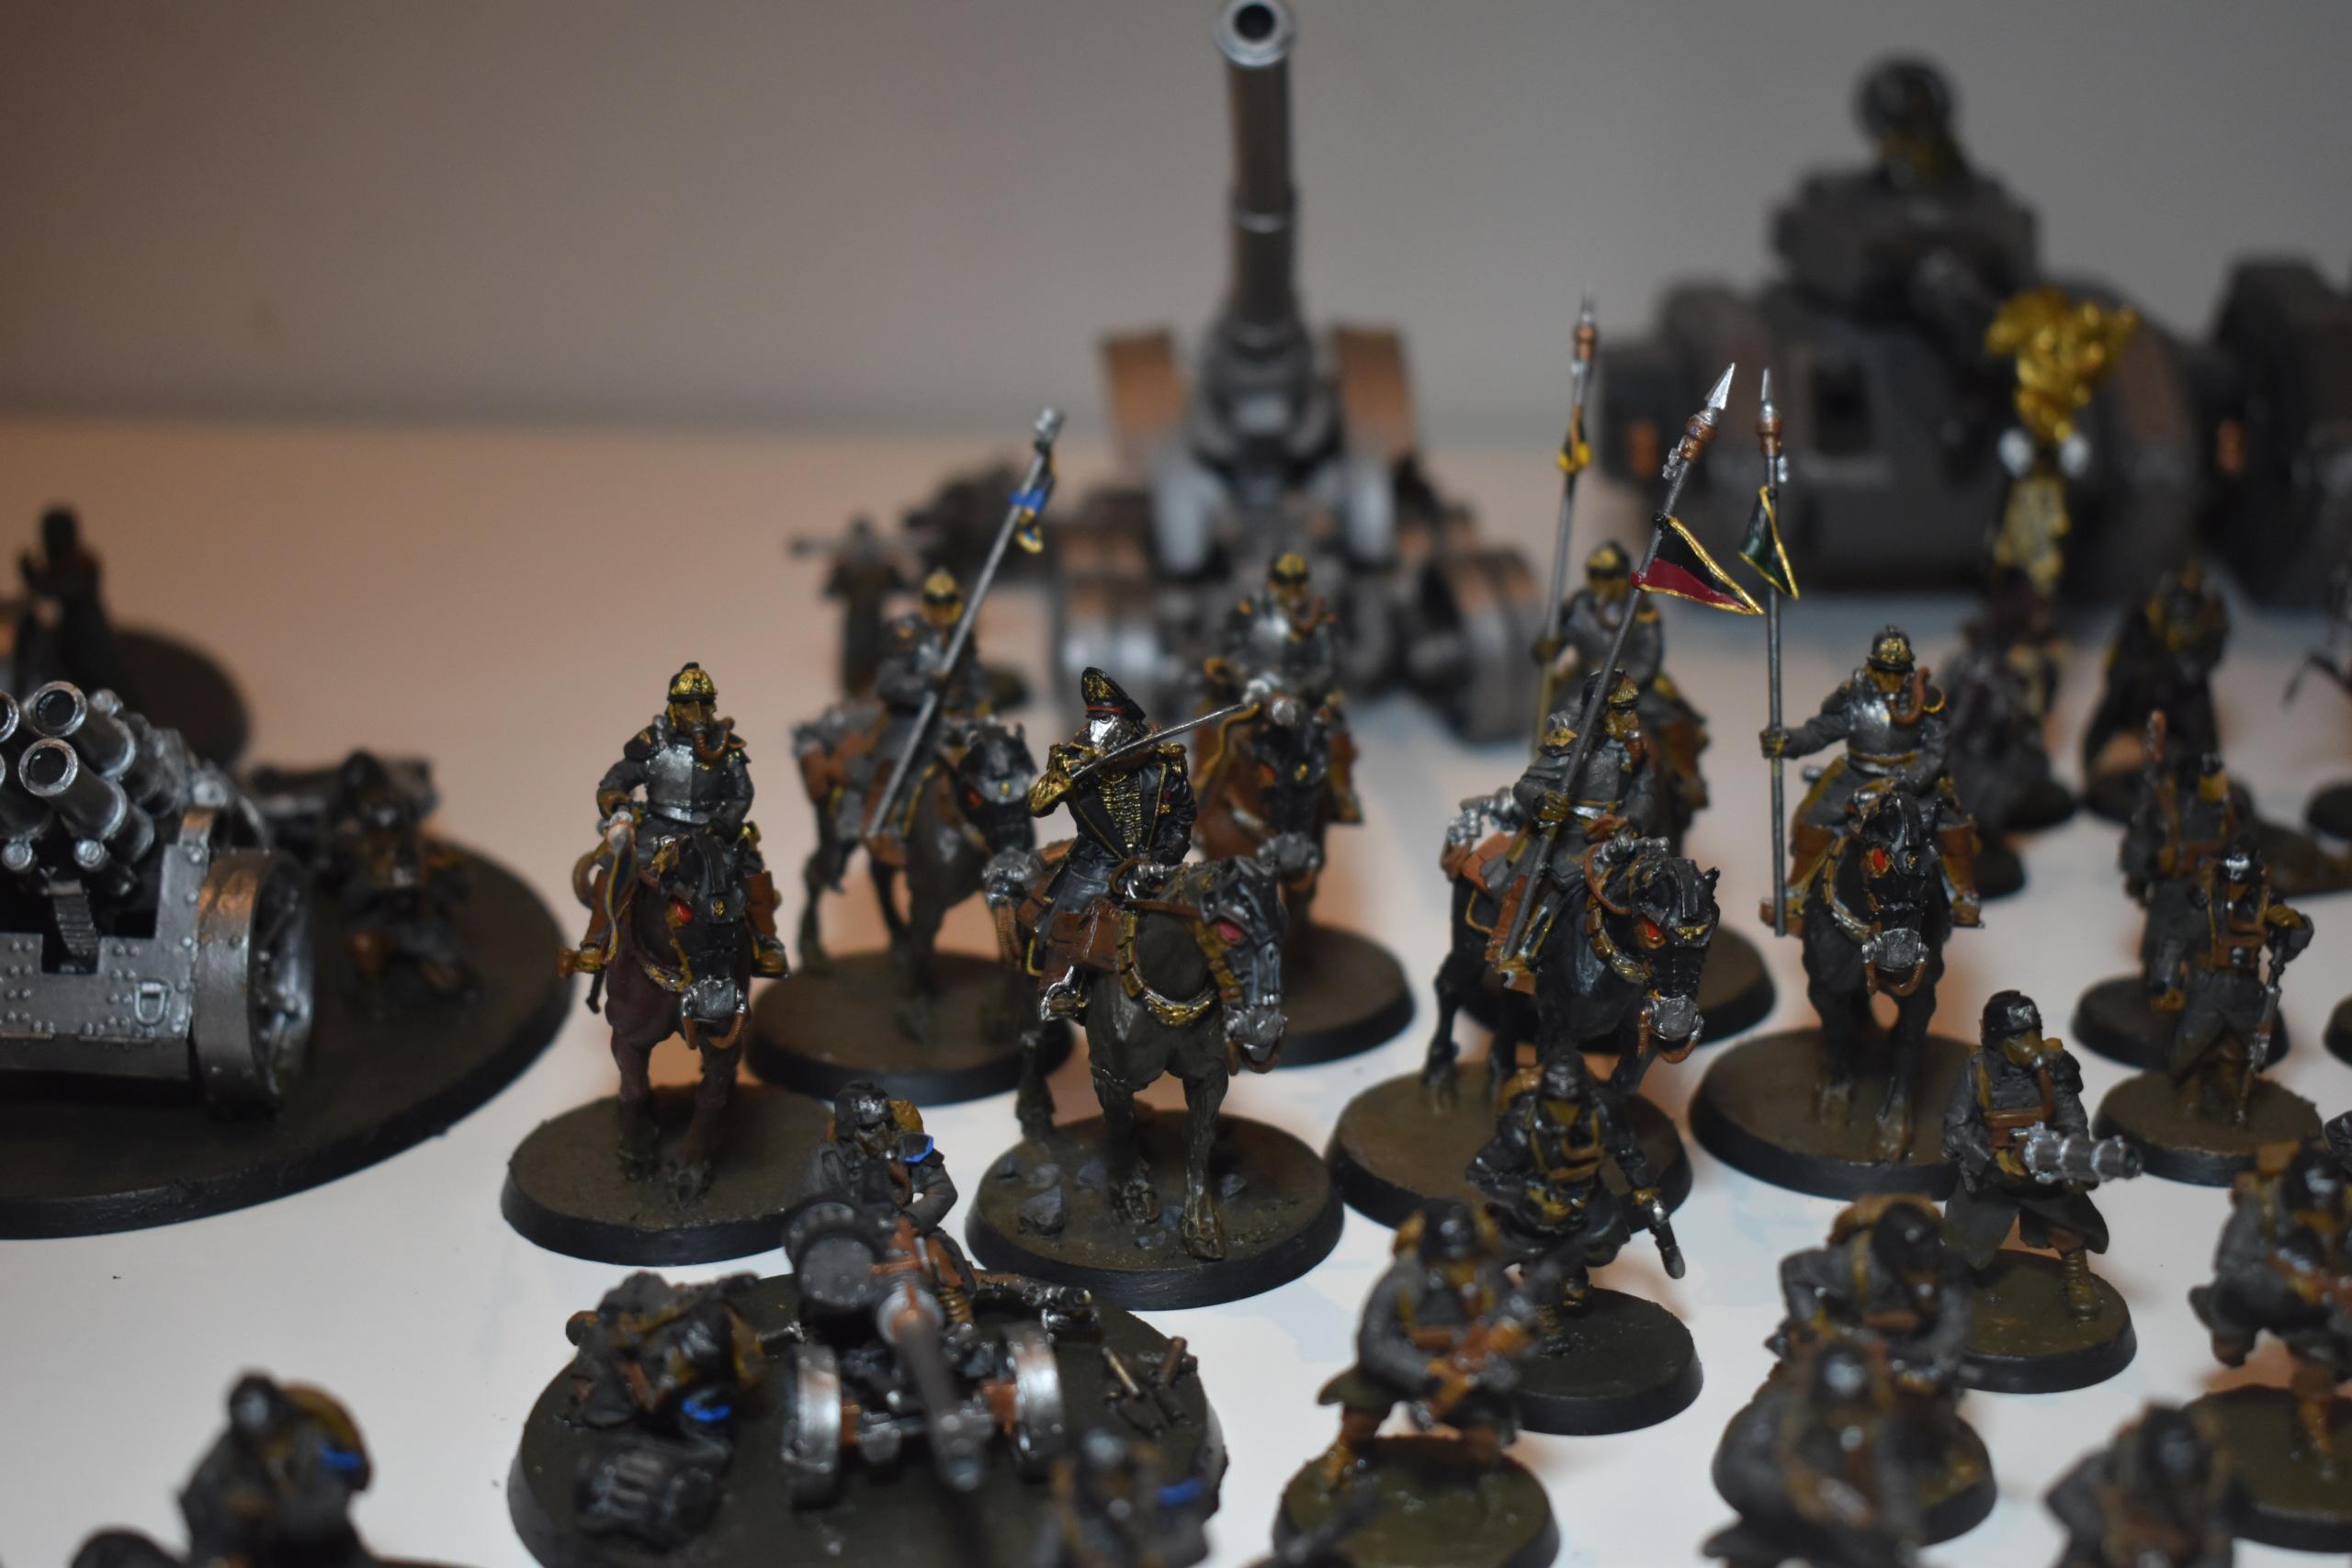 Les Armées de Nico. (Battle, 40K & HH) - Page 6 Dsc_0248